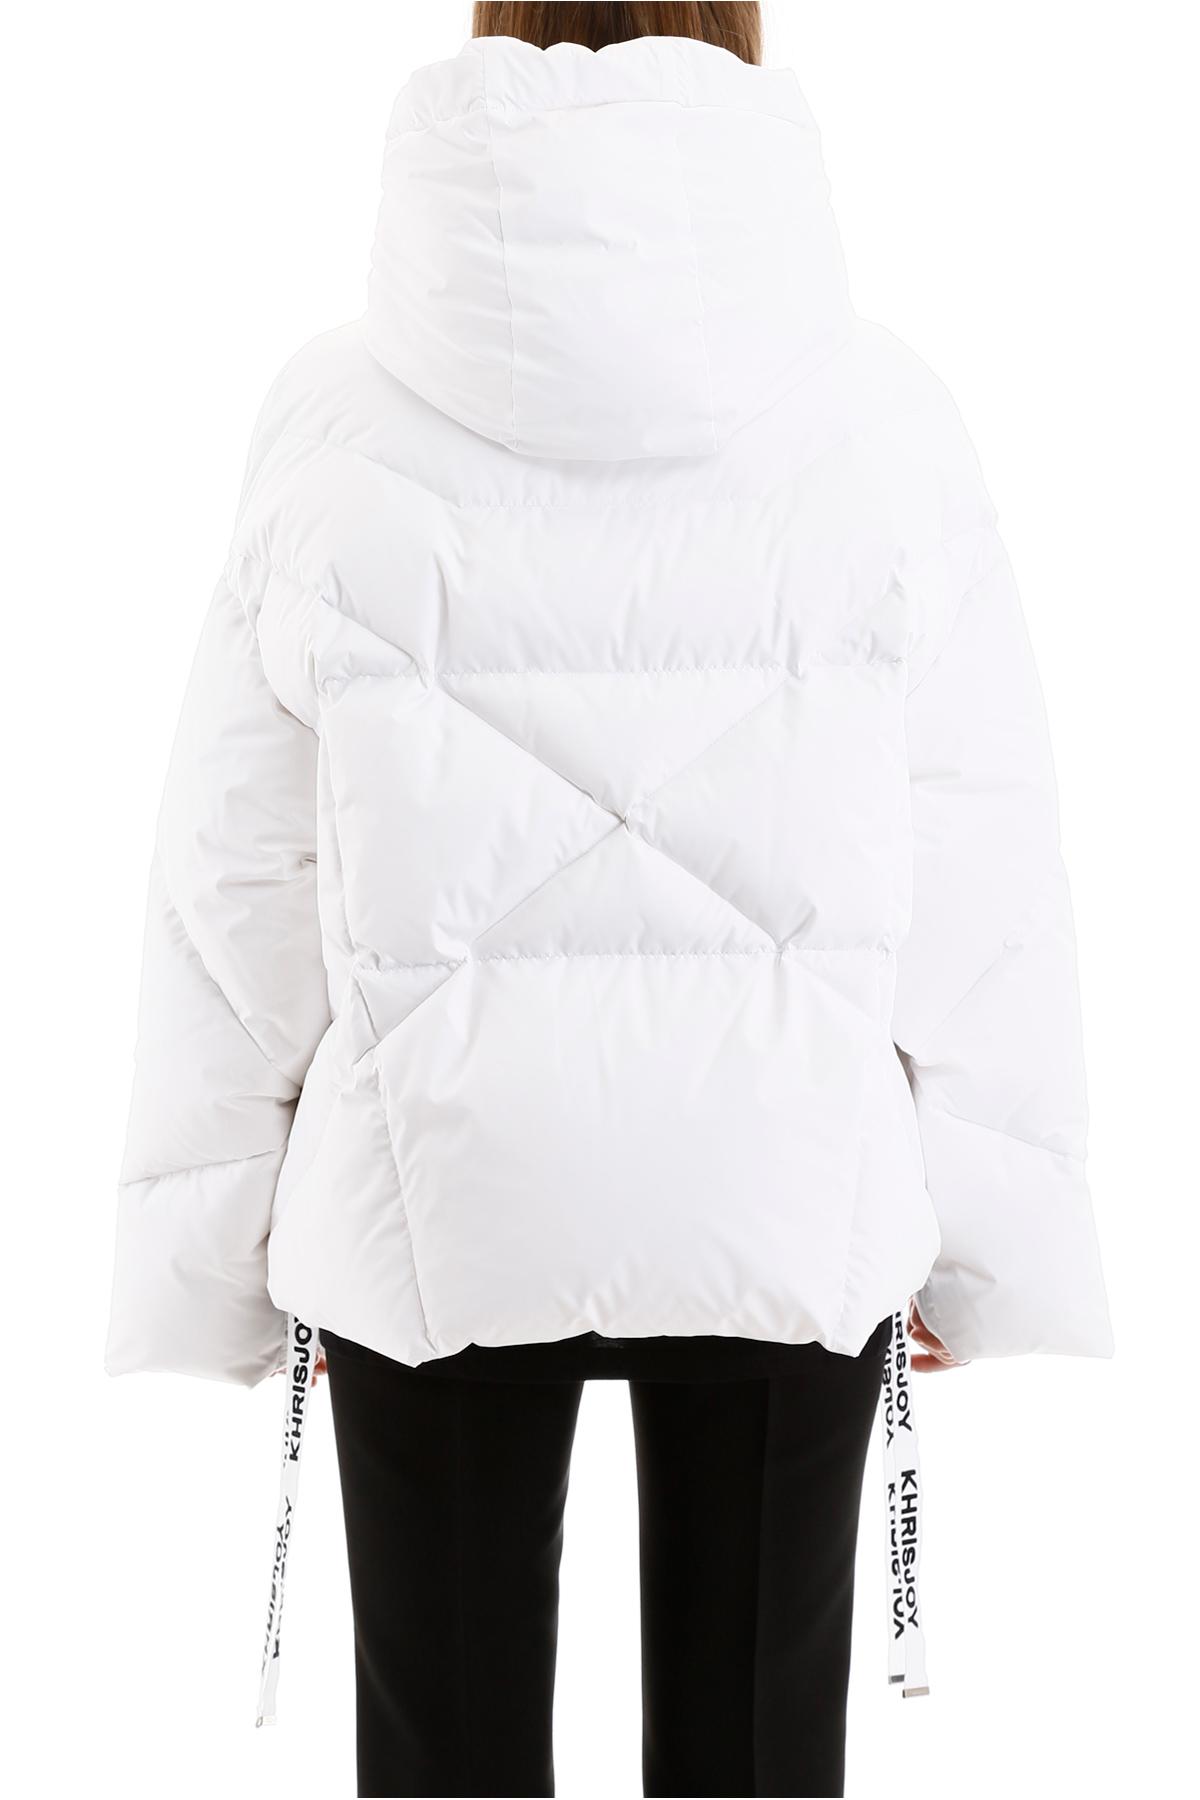 KHRIS puchowa biała kurtka